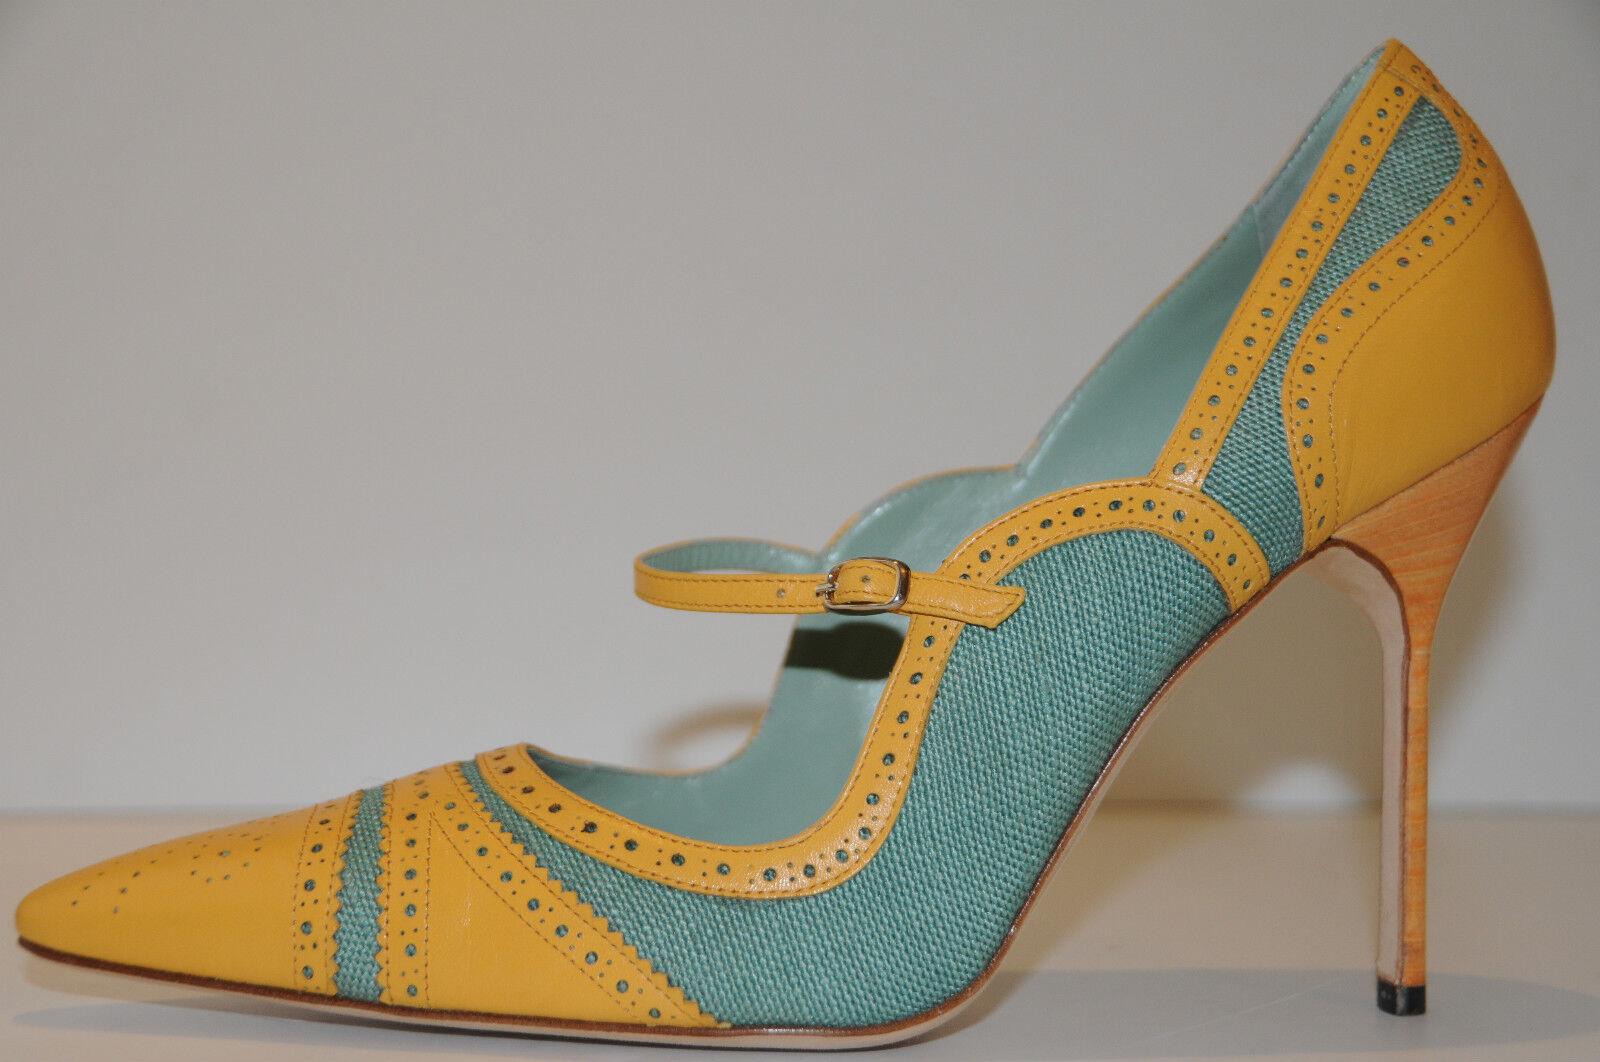 865 Nuevo Manolo Blahnik estipula verde verde verde Amarillo penetrar Mary Jane Zapatos 41 10.5  ventas en línea de venta